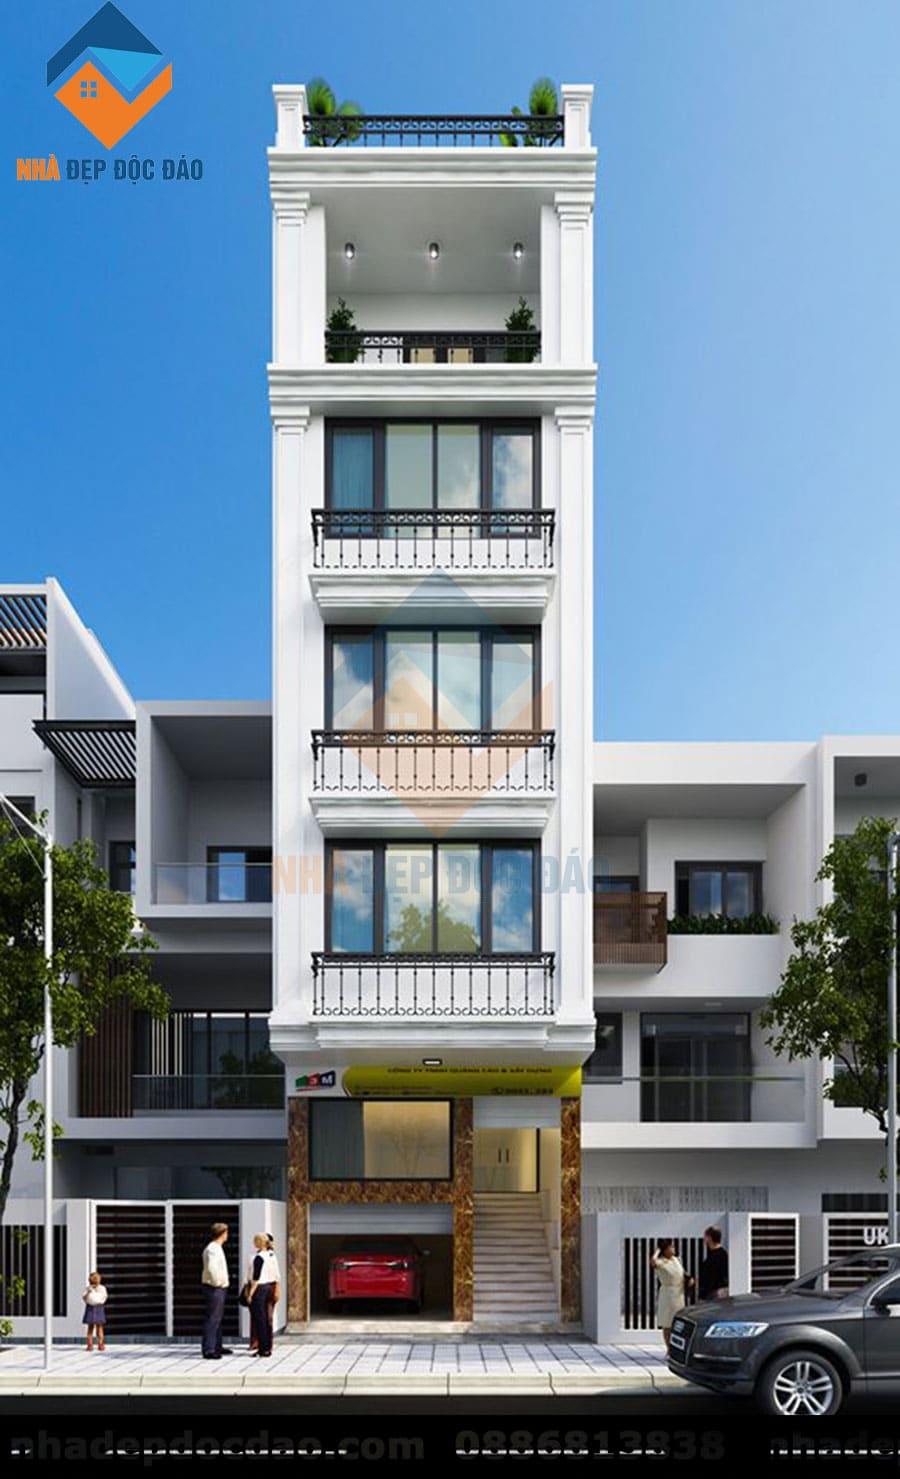 Thiết kế nhà ở kết hợp kinh doanh phong cách tân cổ điển